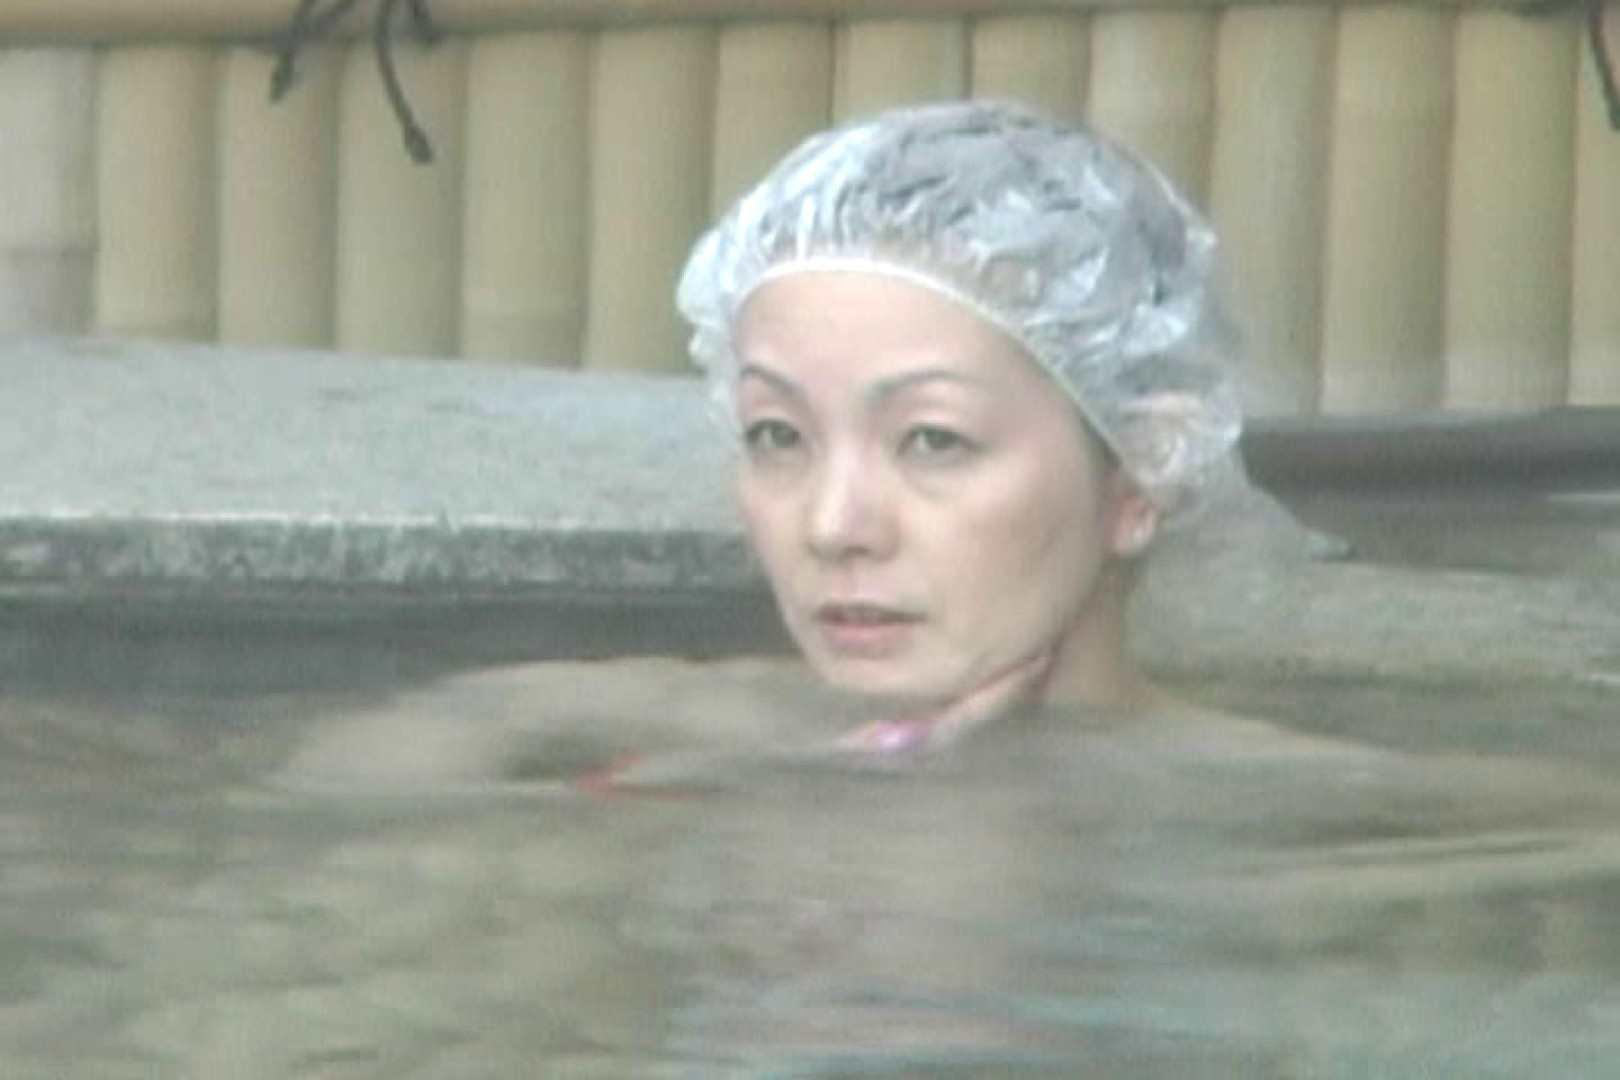 Aquaな露天風呂Vol.592 盗撮師作品 | 美しいOLの裸体  91pic 52